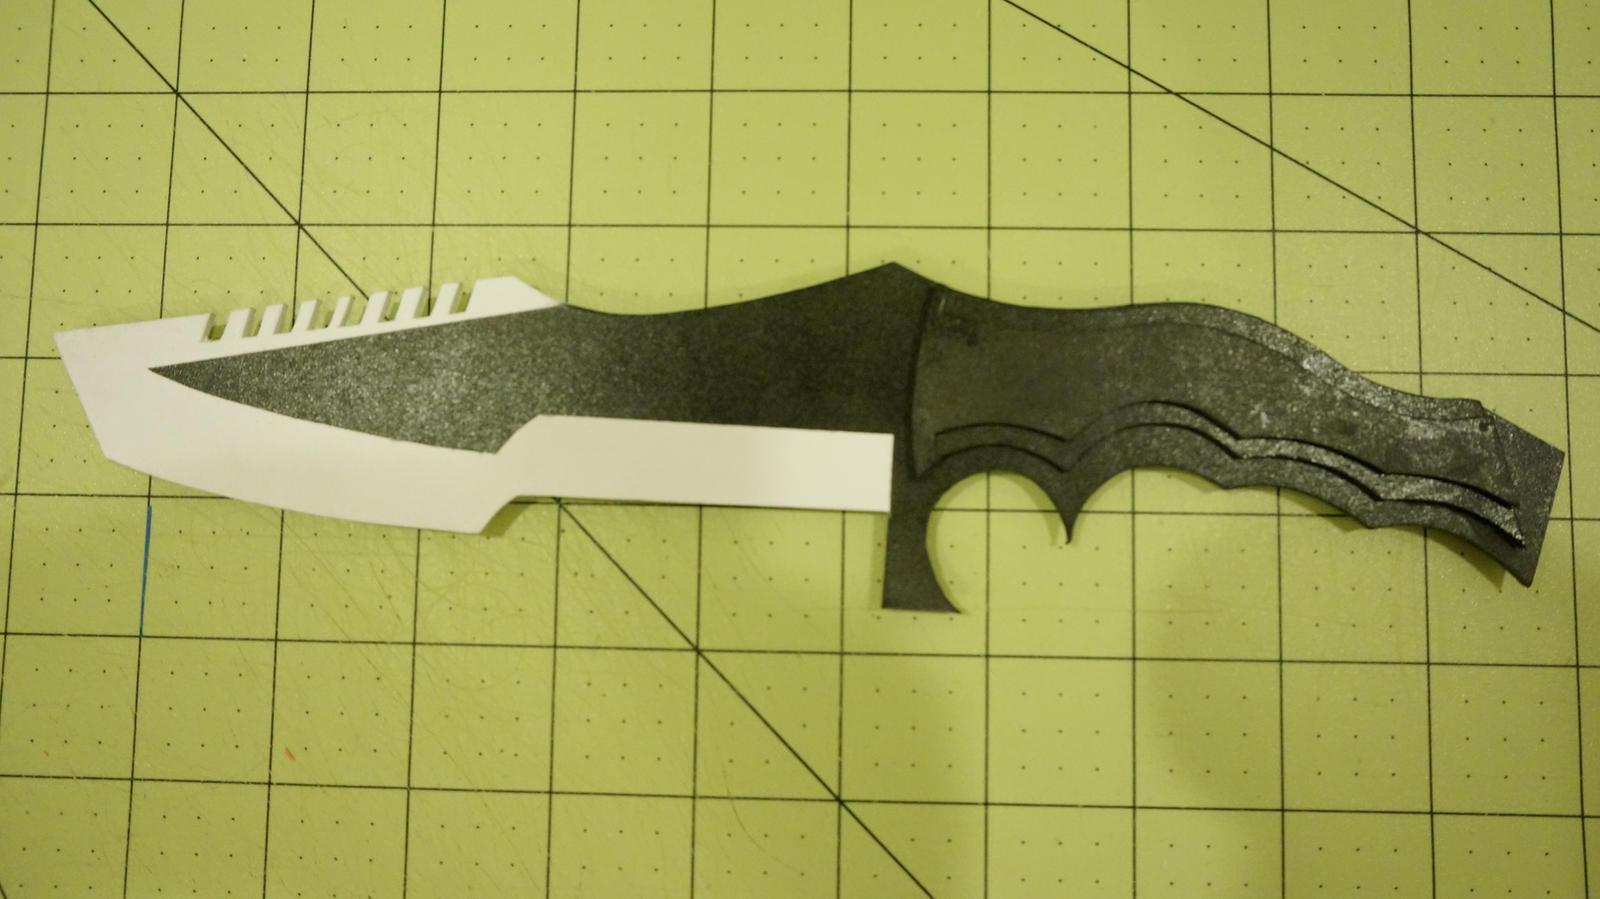 Как сделать нож из кс го